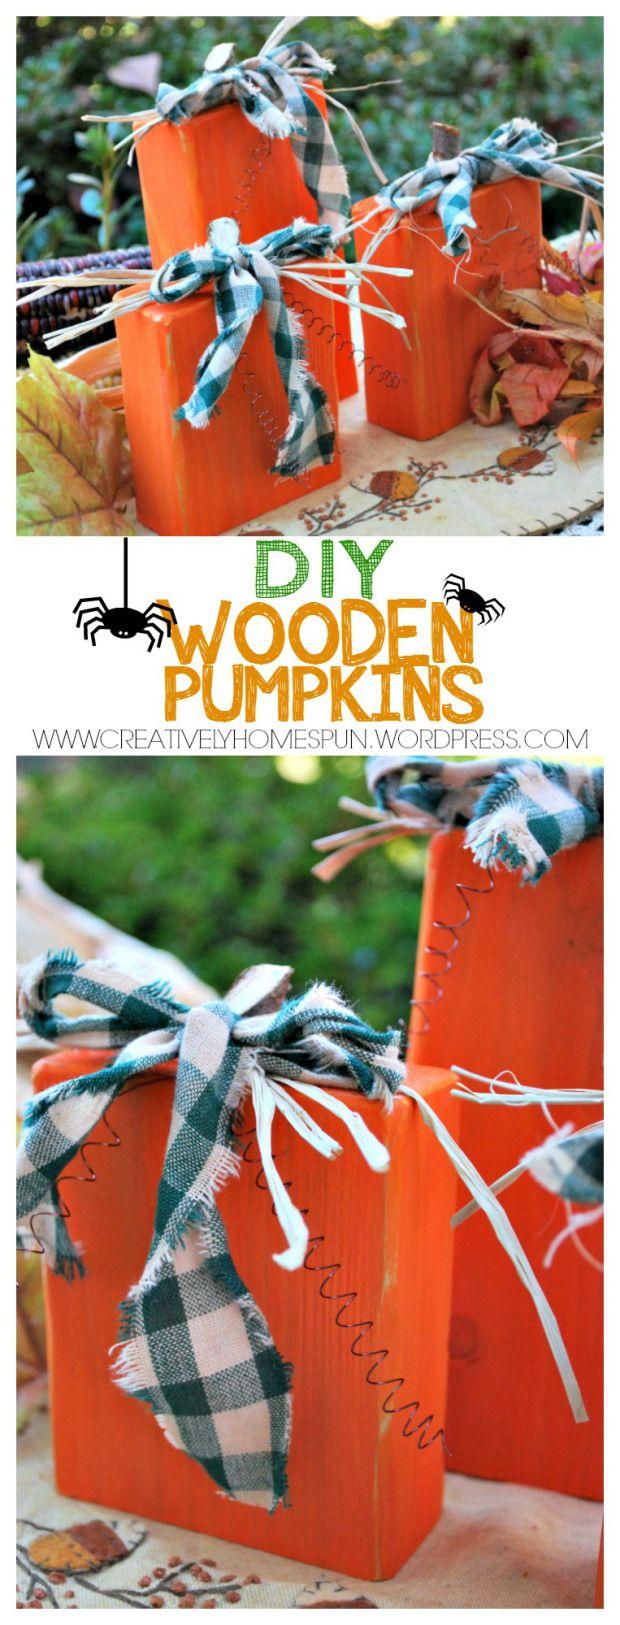 DIY WOODEN PUMPKINS #falldecor #DIY #pumpkin #easycraft